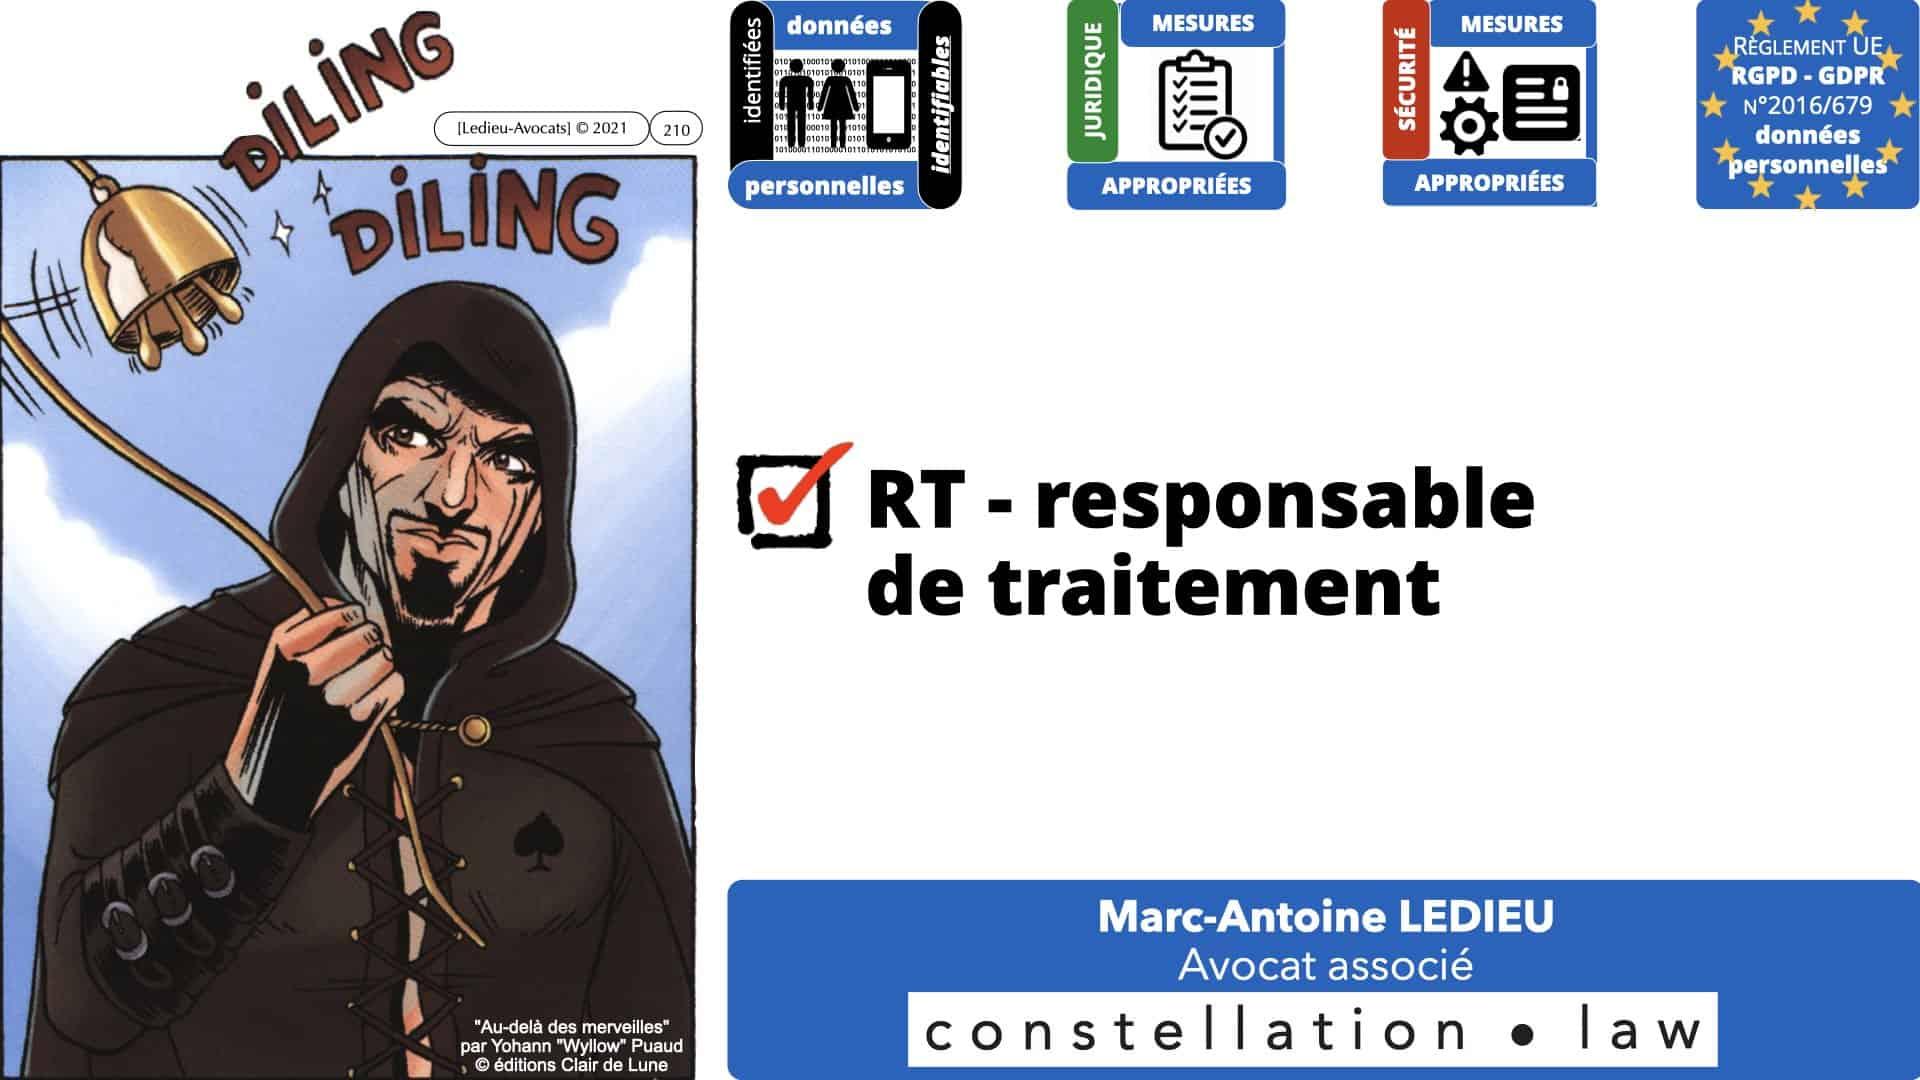 RGPD e-Privacy données personnelles jurisprudence formation Lamy Les Echos 10-02-2021 ©Ledieu-Avocats.210